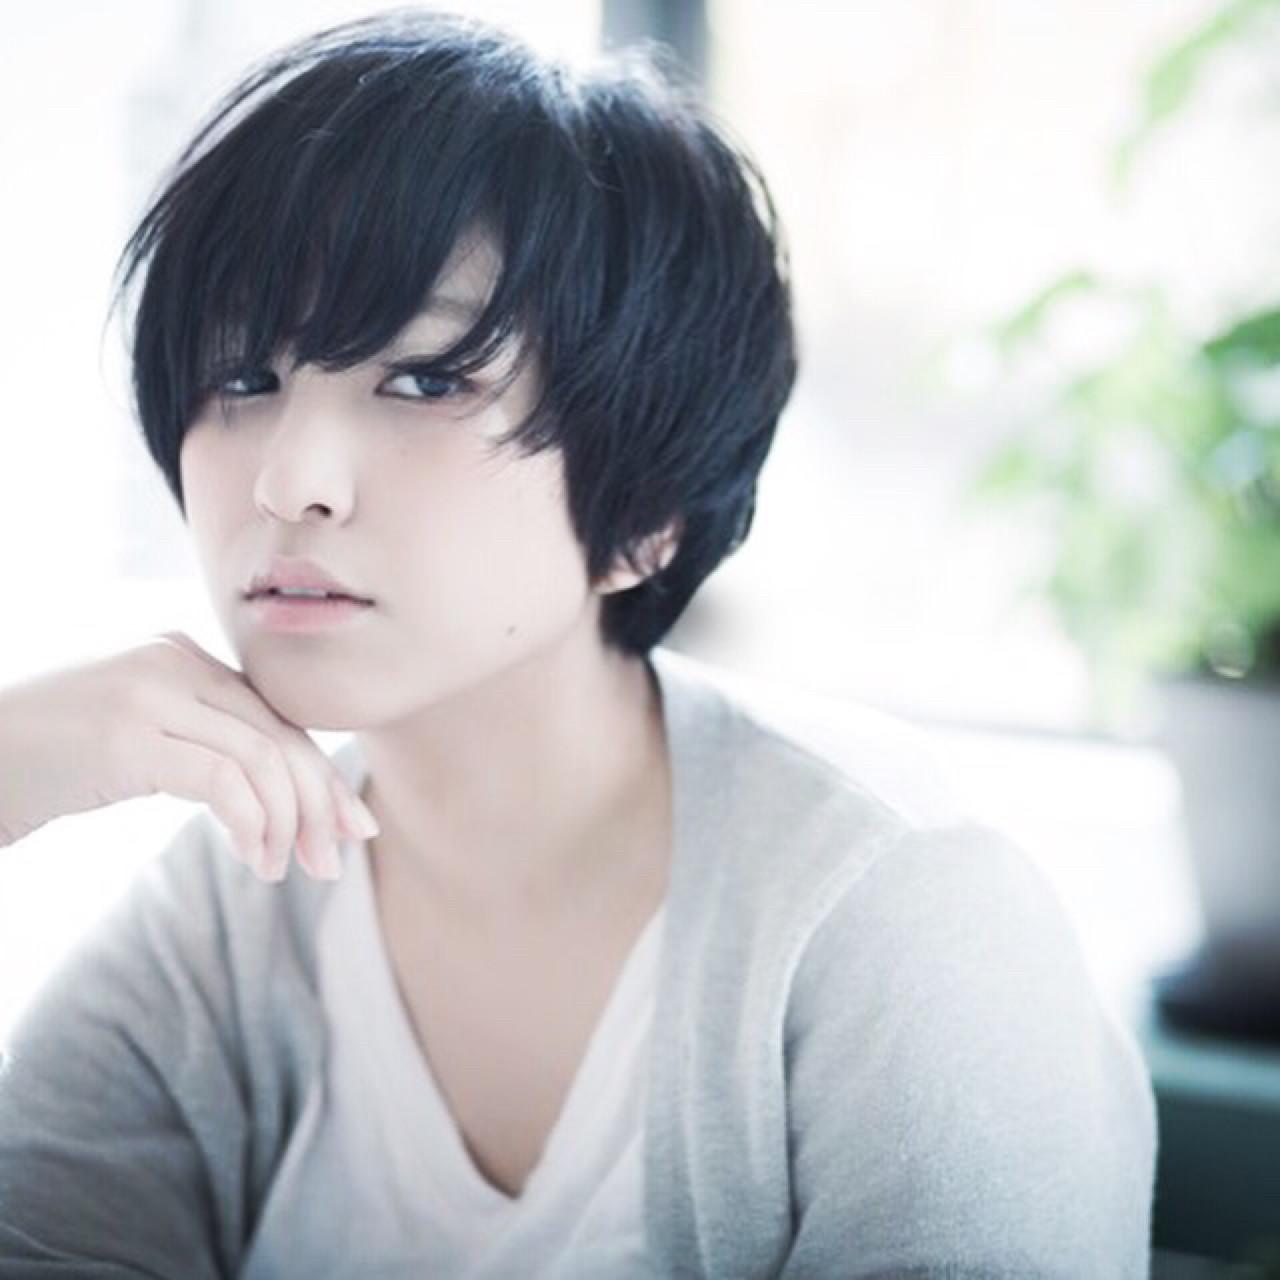 知らなかった?実はオンナ度が高い、魅惑の黒髪ベリーショート♡ 岡田 亜沙美